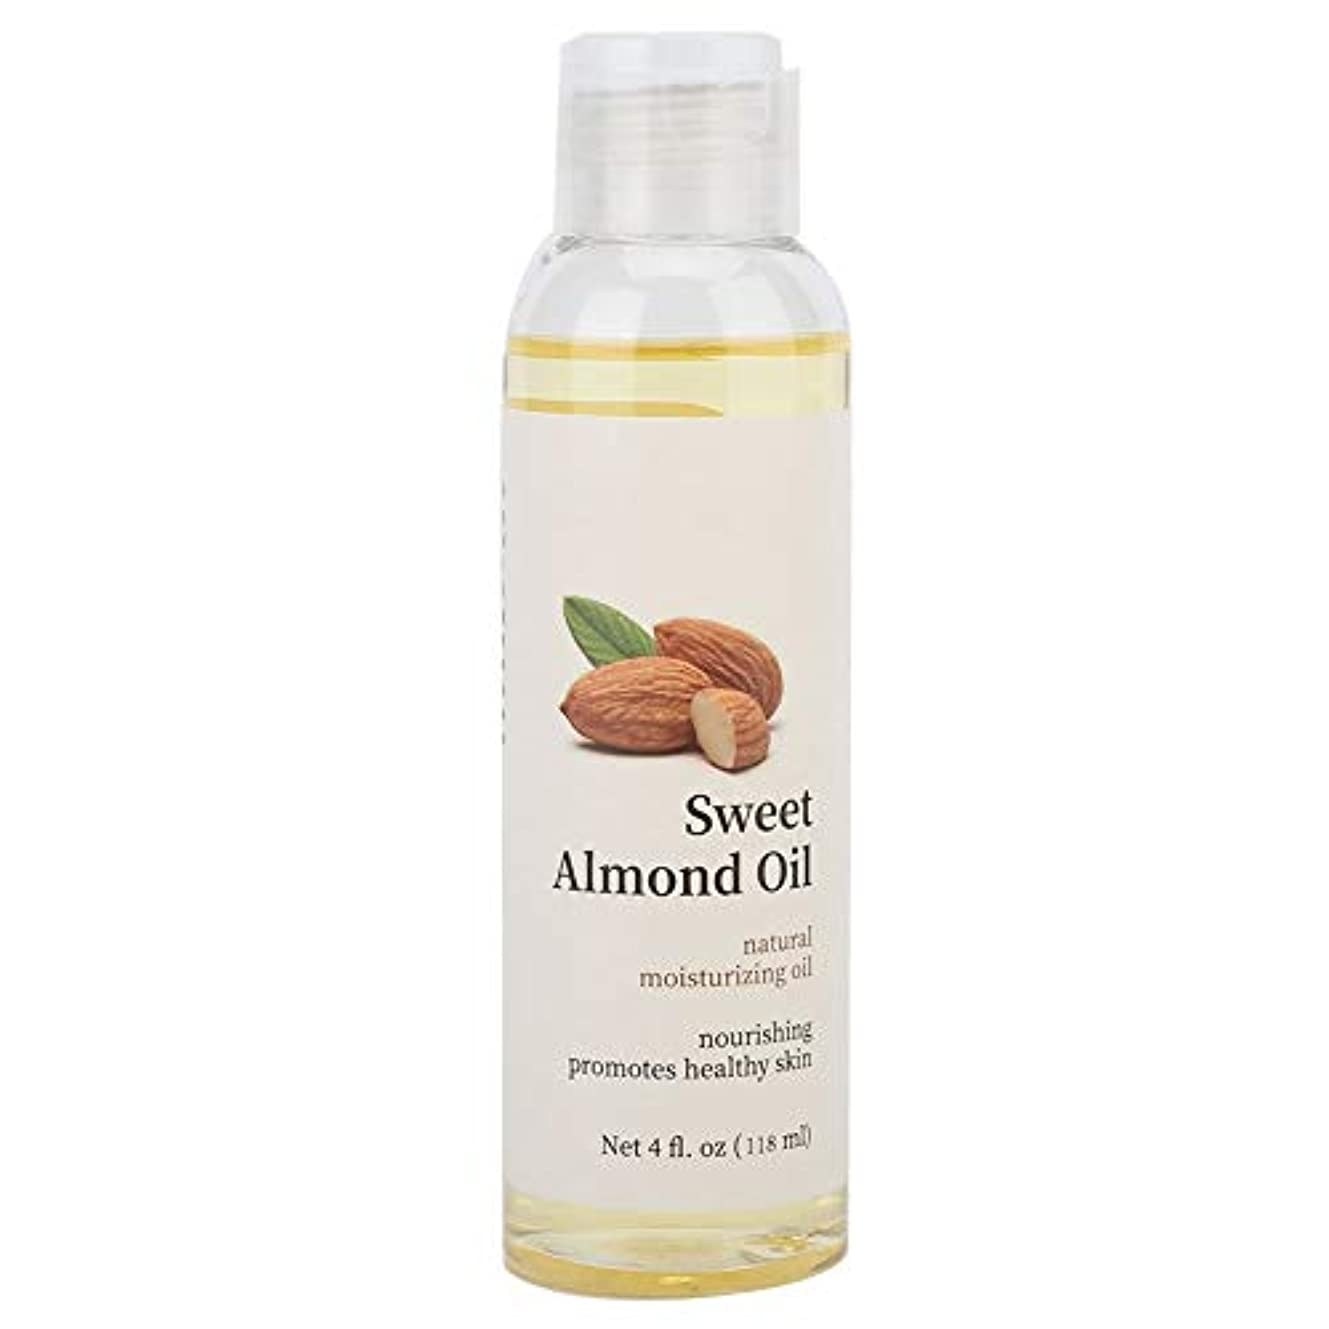 幸福緯度知り合いアーモンド ボディマッサージオイル、スキンケアエッセンシャルオイル保湿 スキンケアとヘアケアに最適、肌と顔の柔らかさ、男性と女性の両方に最適118ml